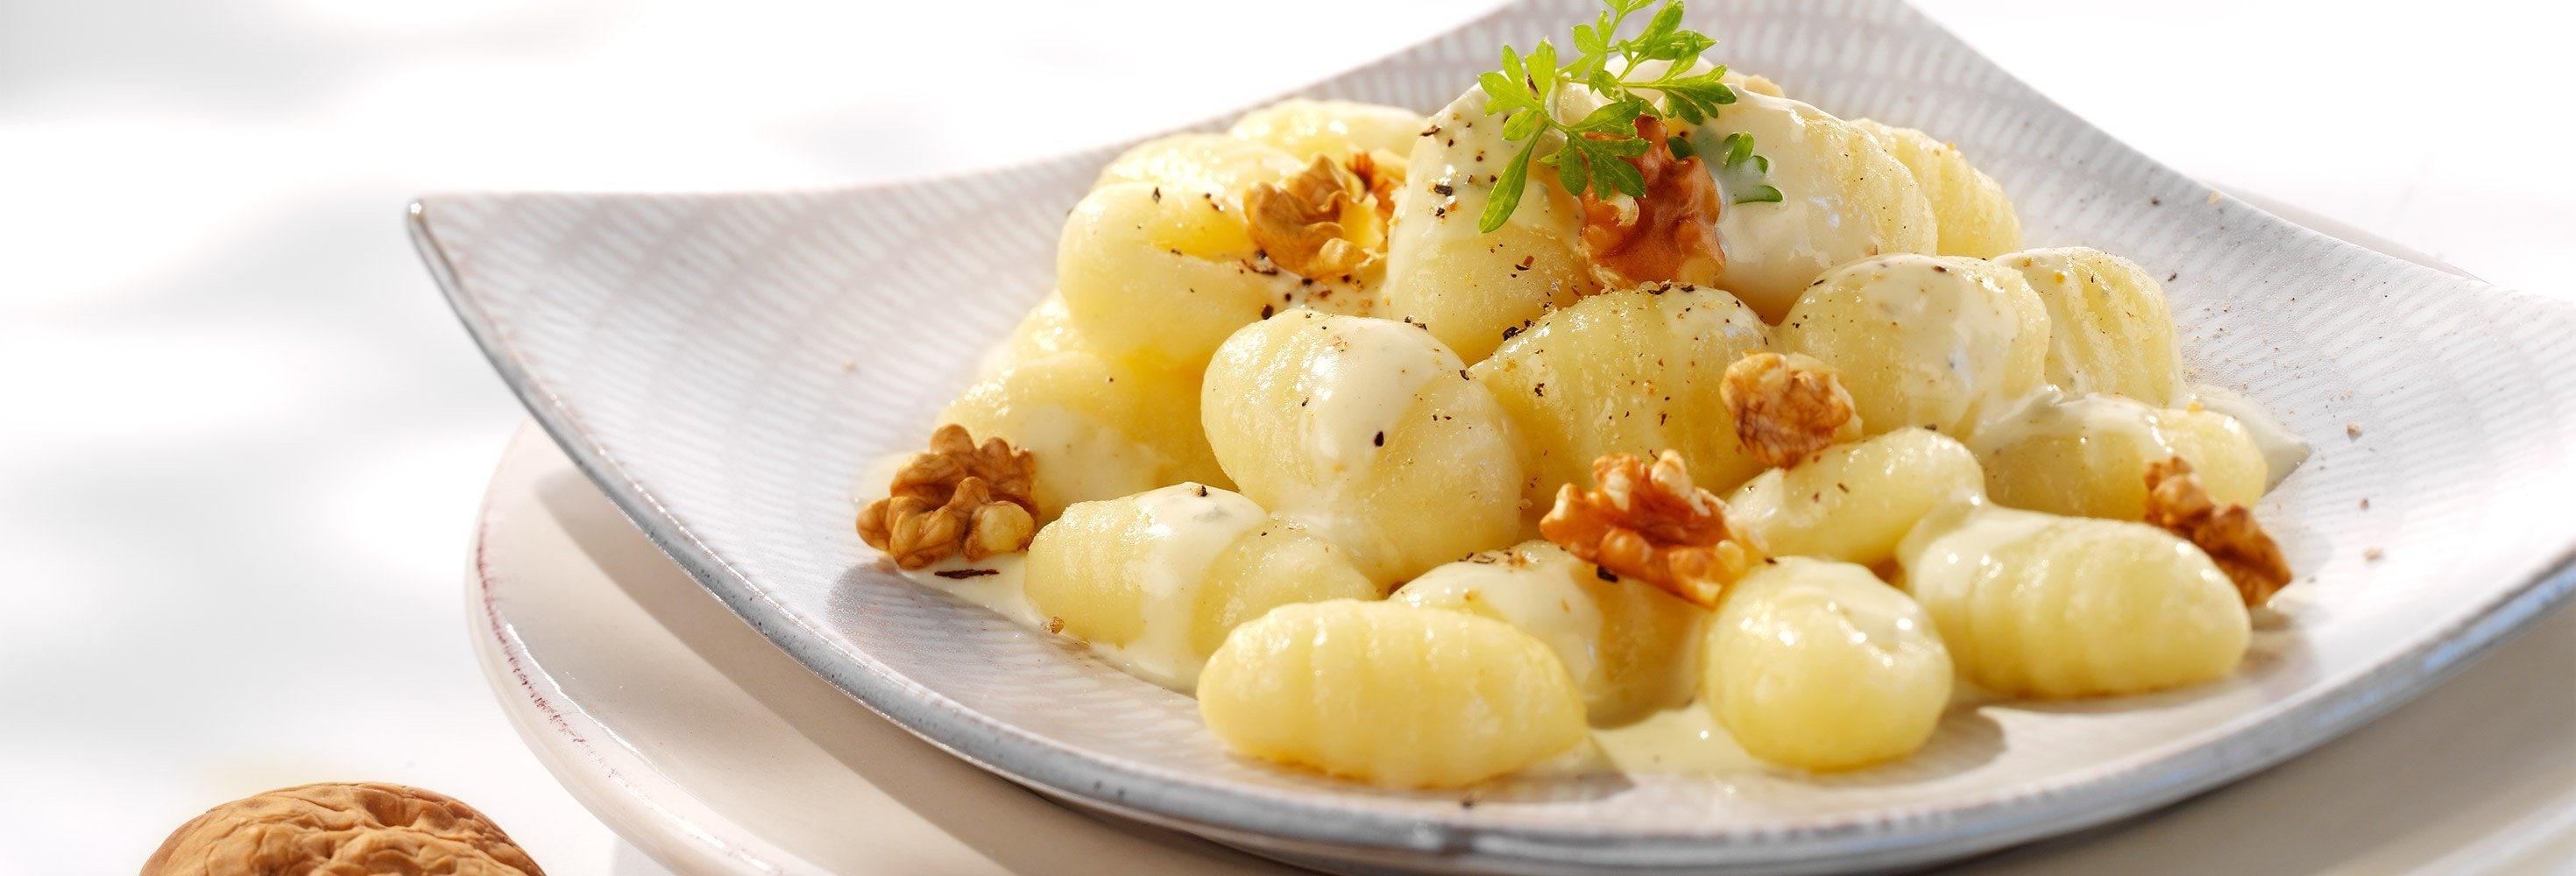 Gnocchi met gorgonzola en noten